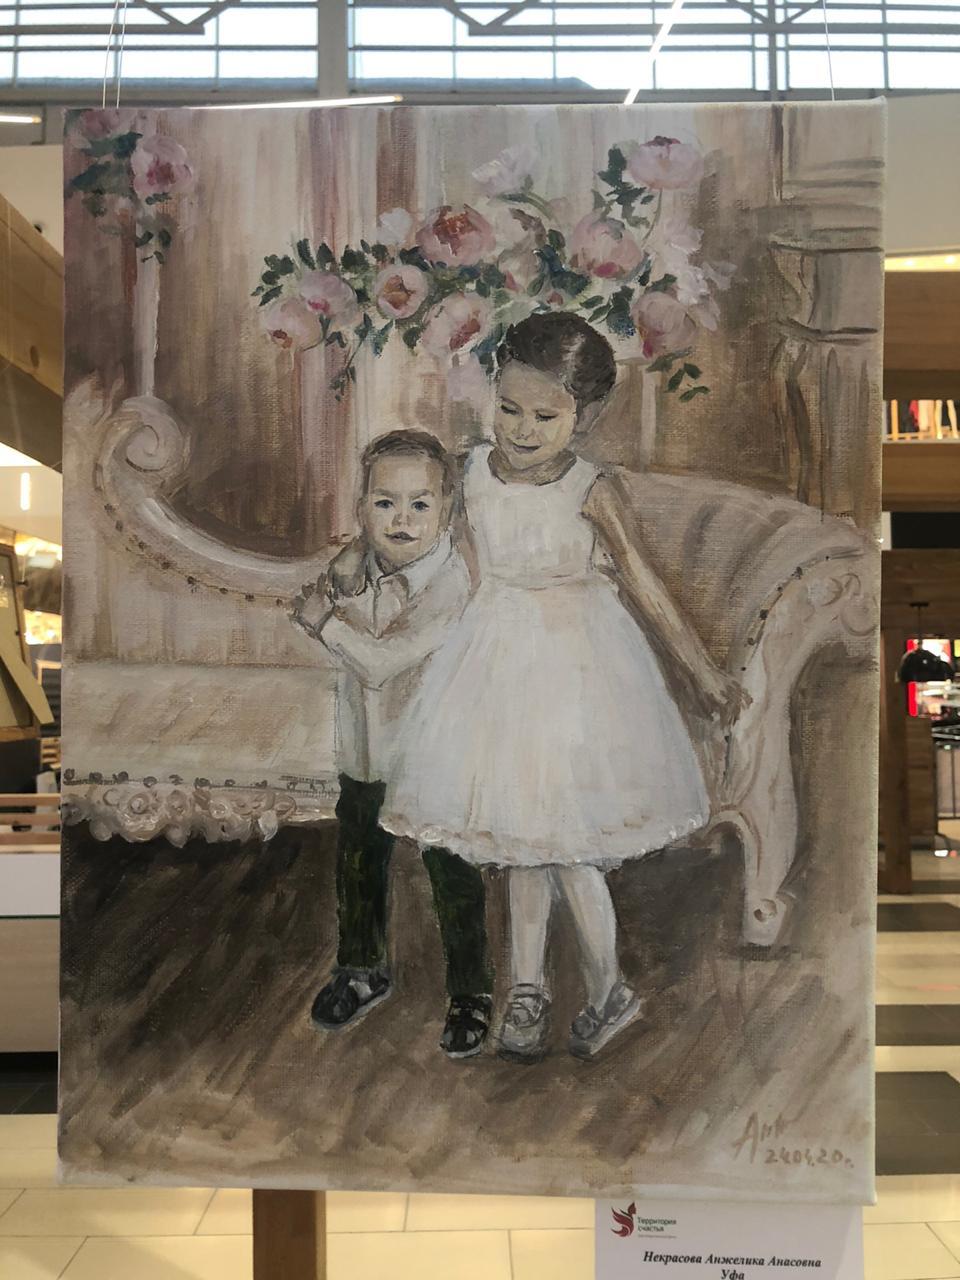 Выставка «Материнство раскрывает таланты»: художественные образы, созданные женщиной